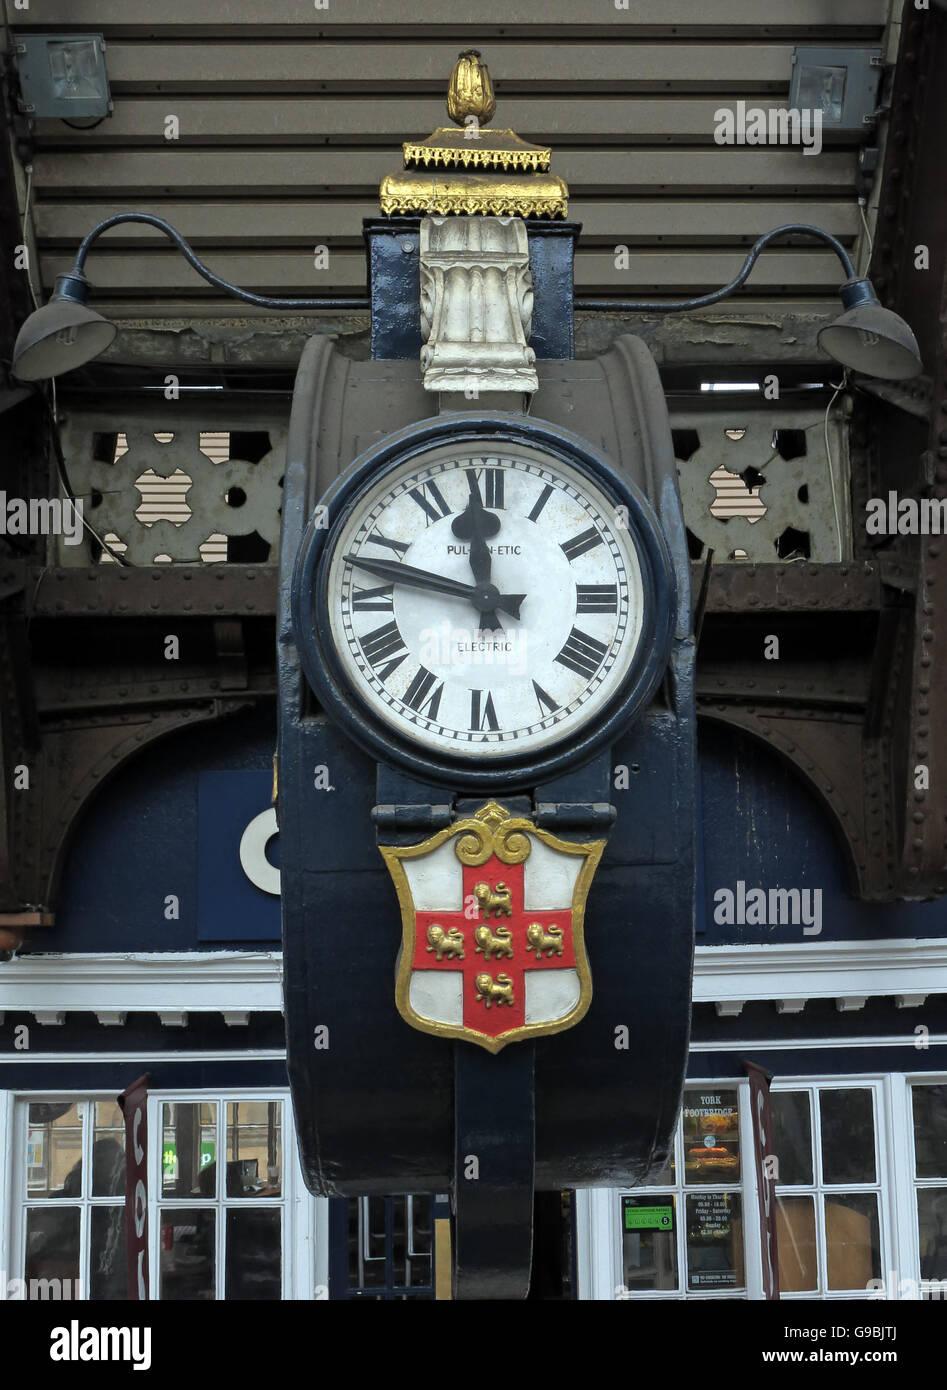 Laden Sie dieses Alamy Stockfoto Vintage elektrische Uhr, Bahnhof York, Yorkshire, England, UK - G9BJTJ